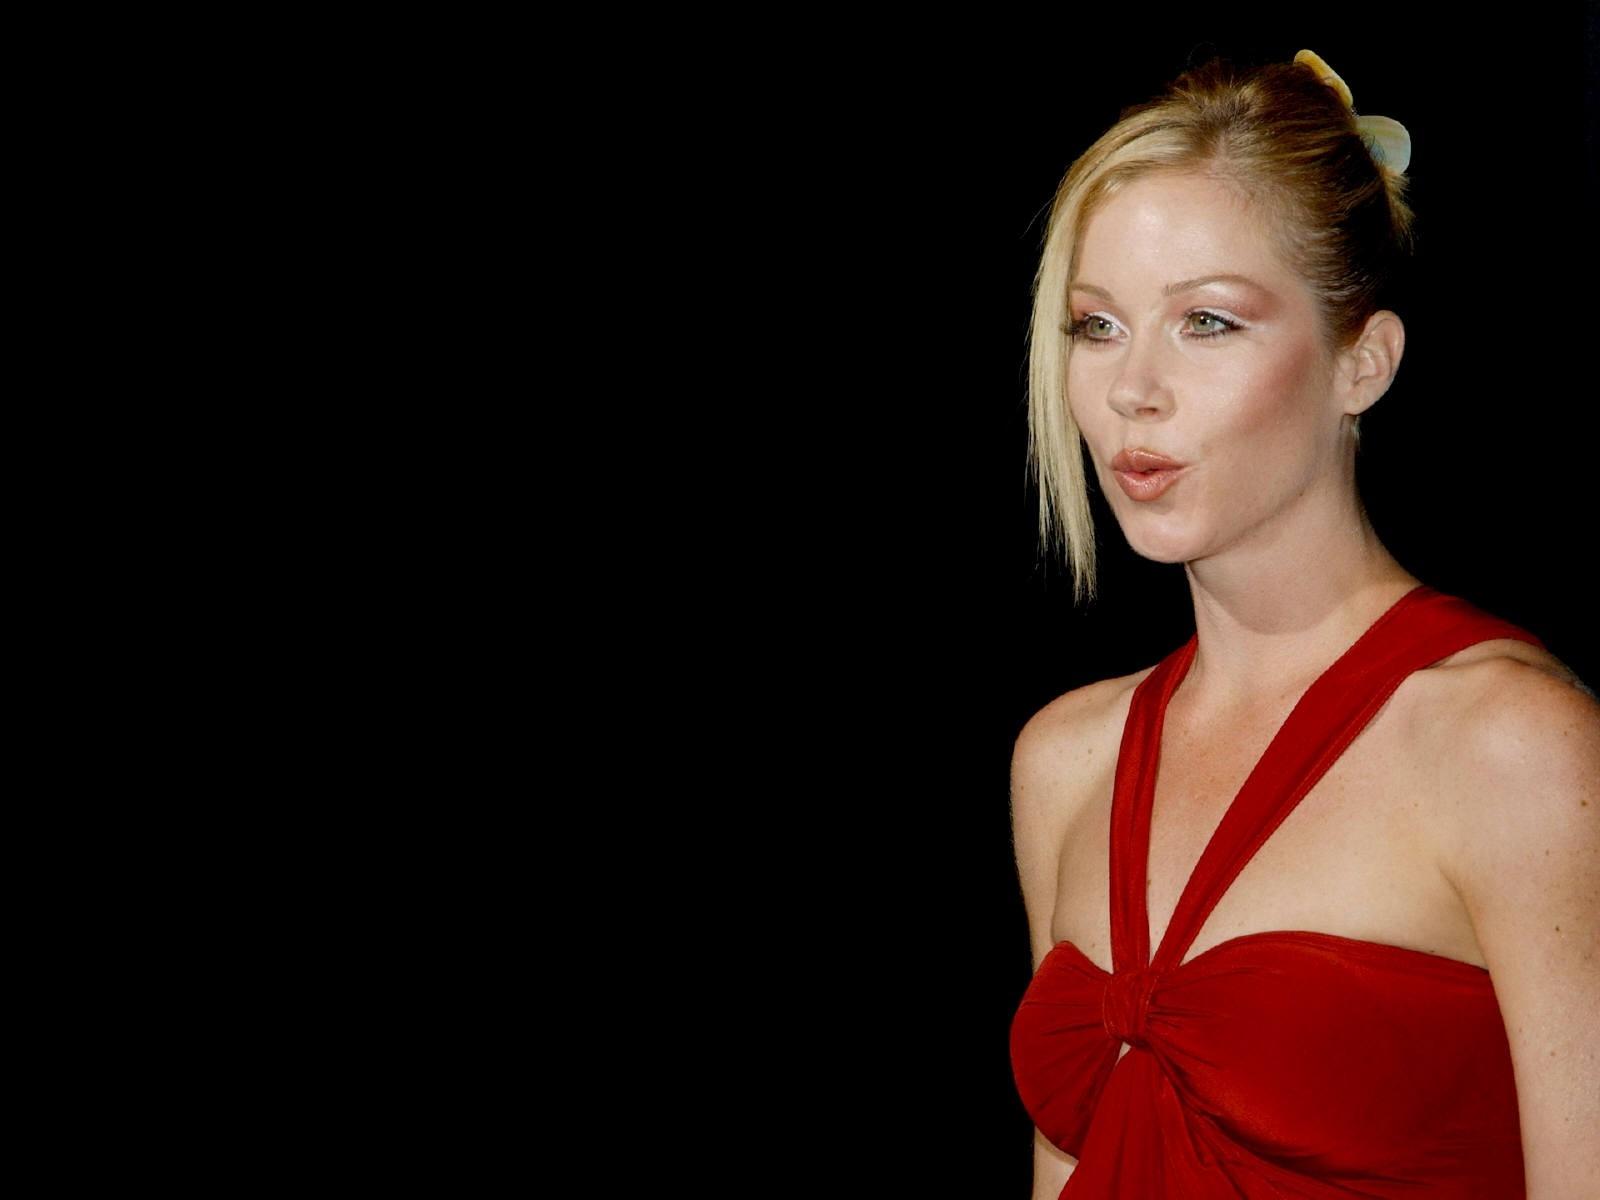 Wallpaper: una sexy Christina Applegate fasciata in un abito rosso